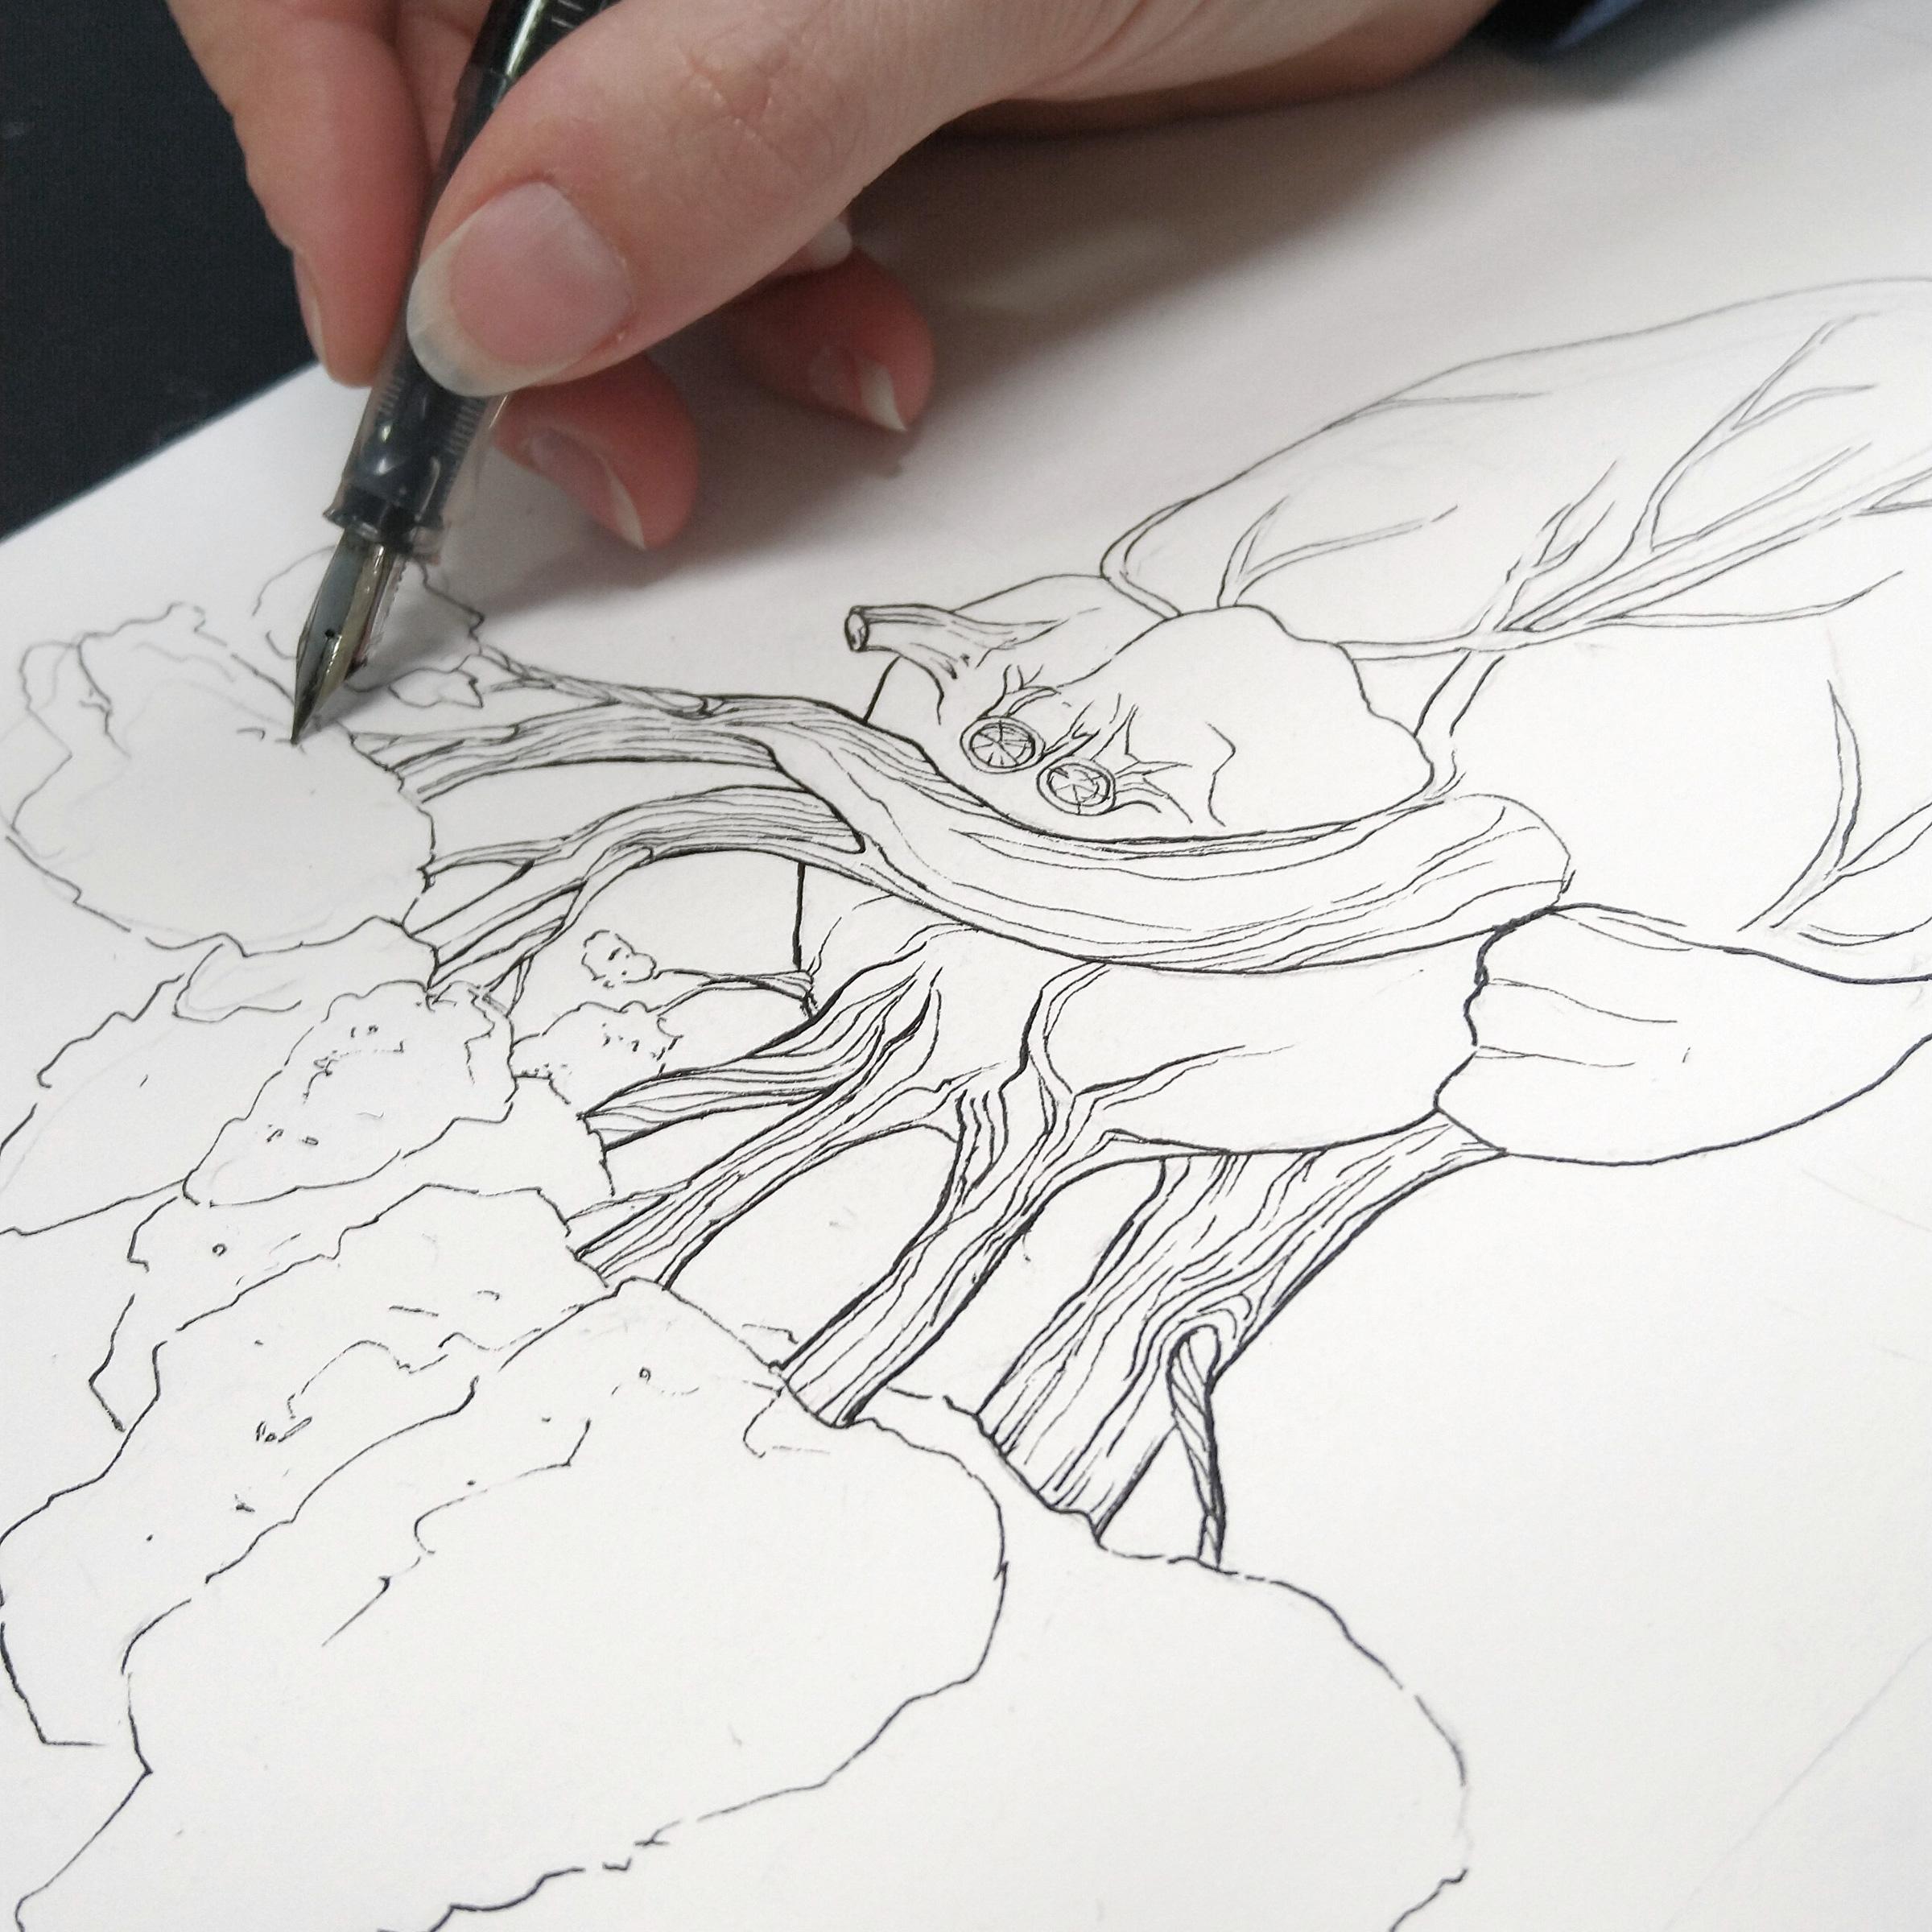 Feine Linien mit Wasserfester Tinte im Füller für die Baumstämme.